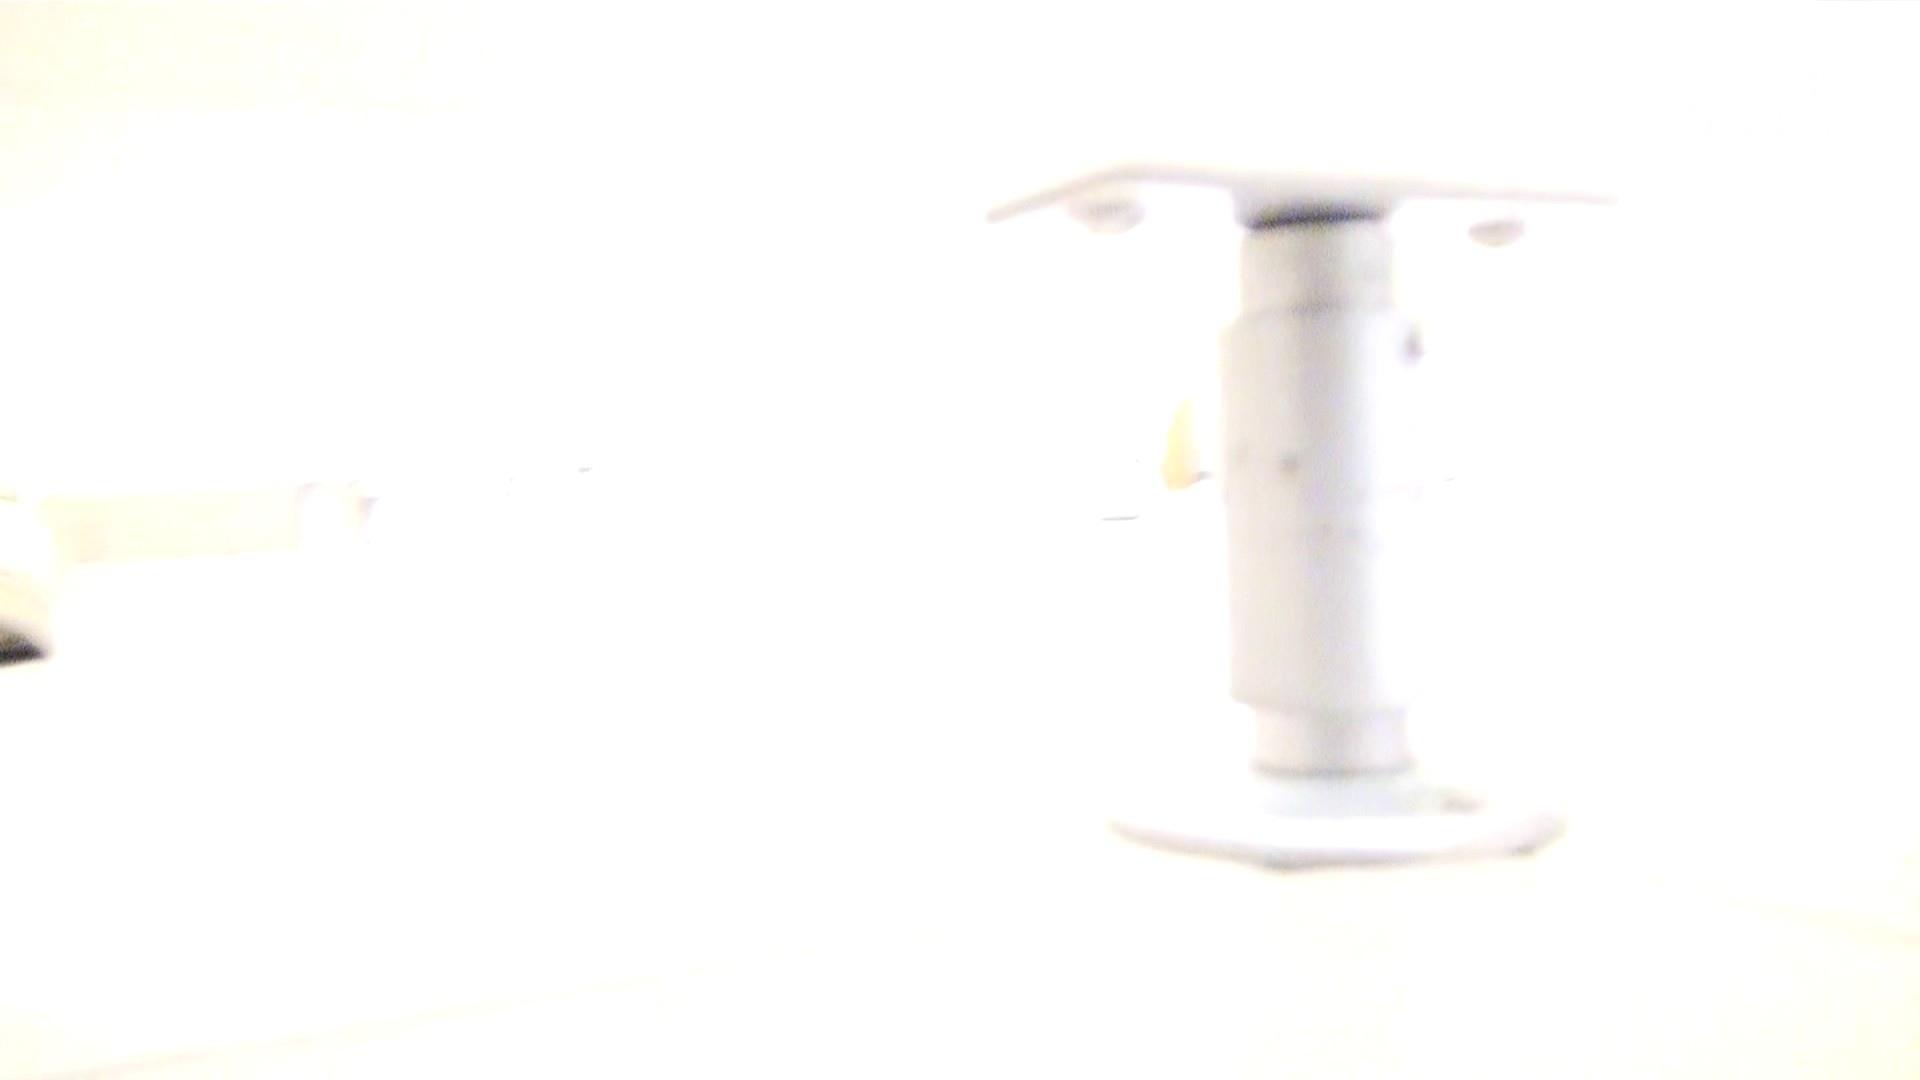 至高下半身盗撮-PREMIUM-【院内病棟編 】 vol.05 独占盗撮 エロ無料画像 72連発 27